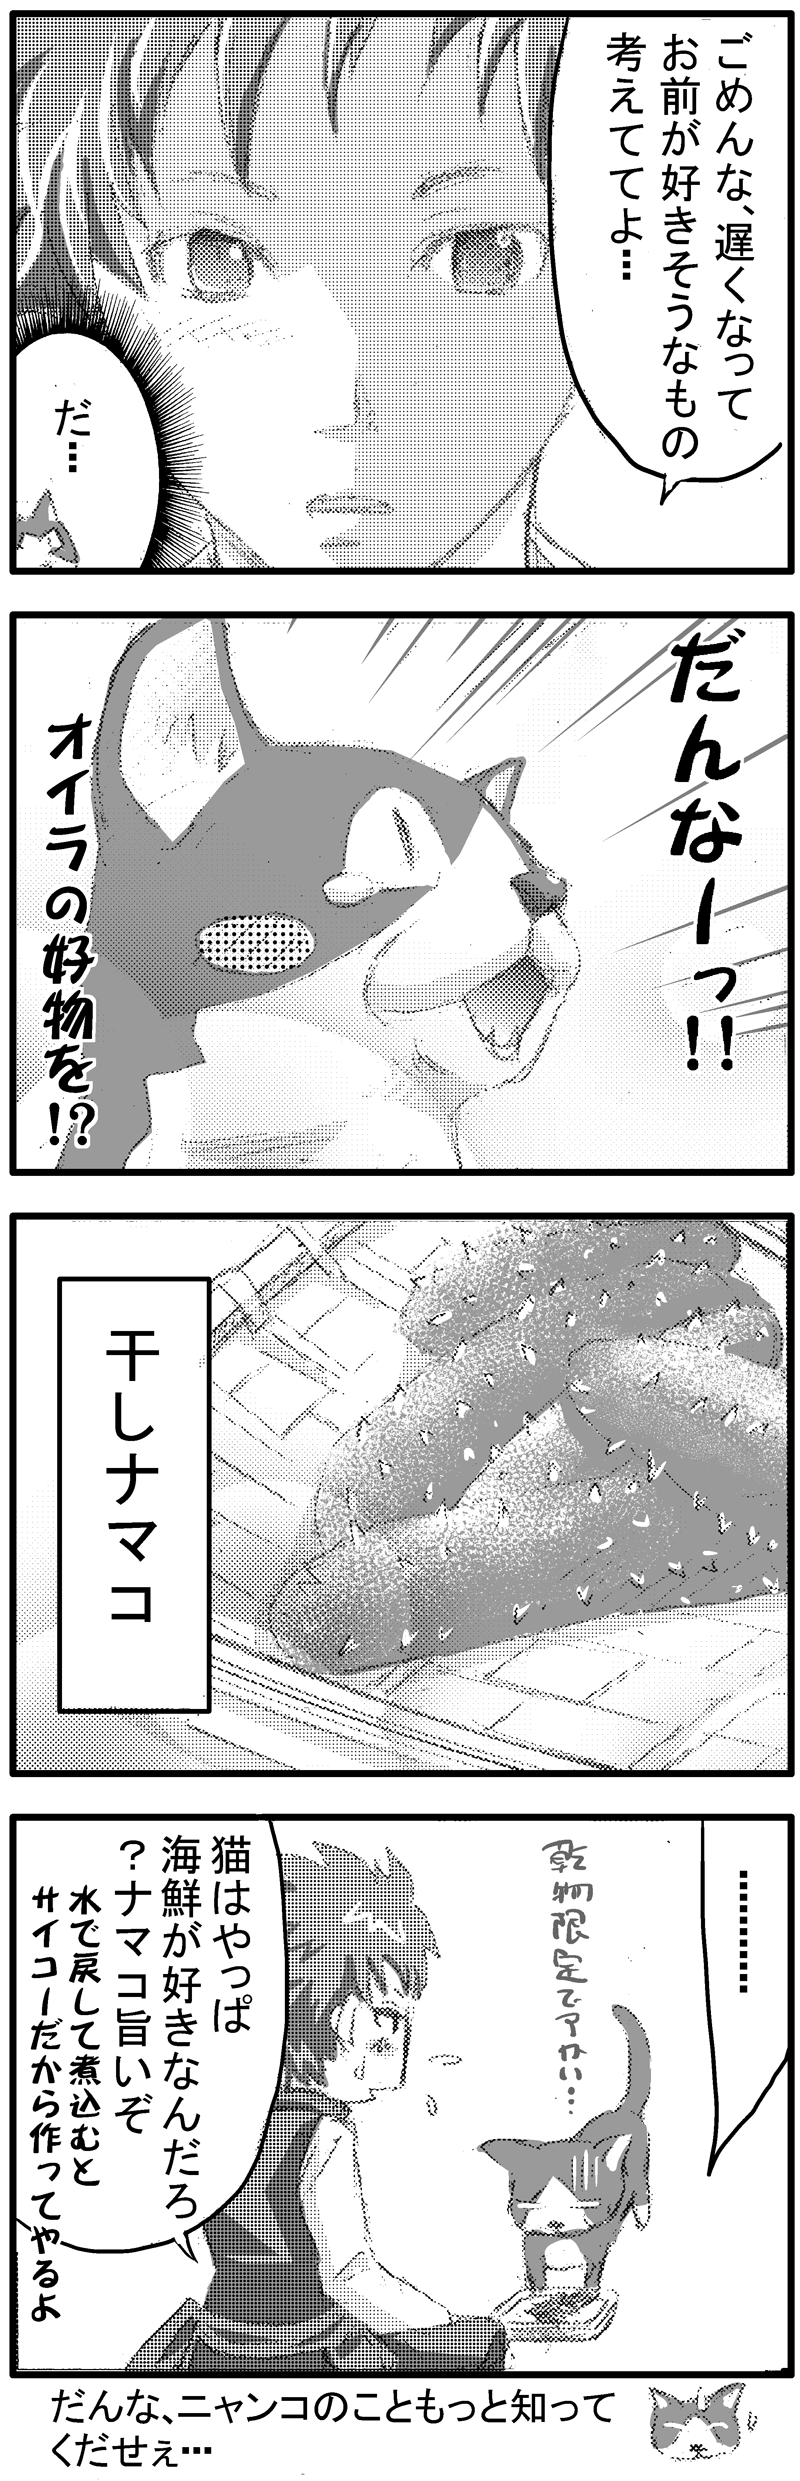 イケメンスーパー04-2